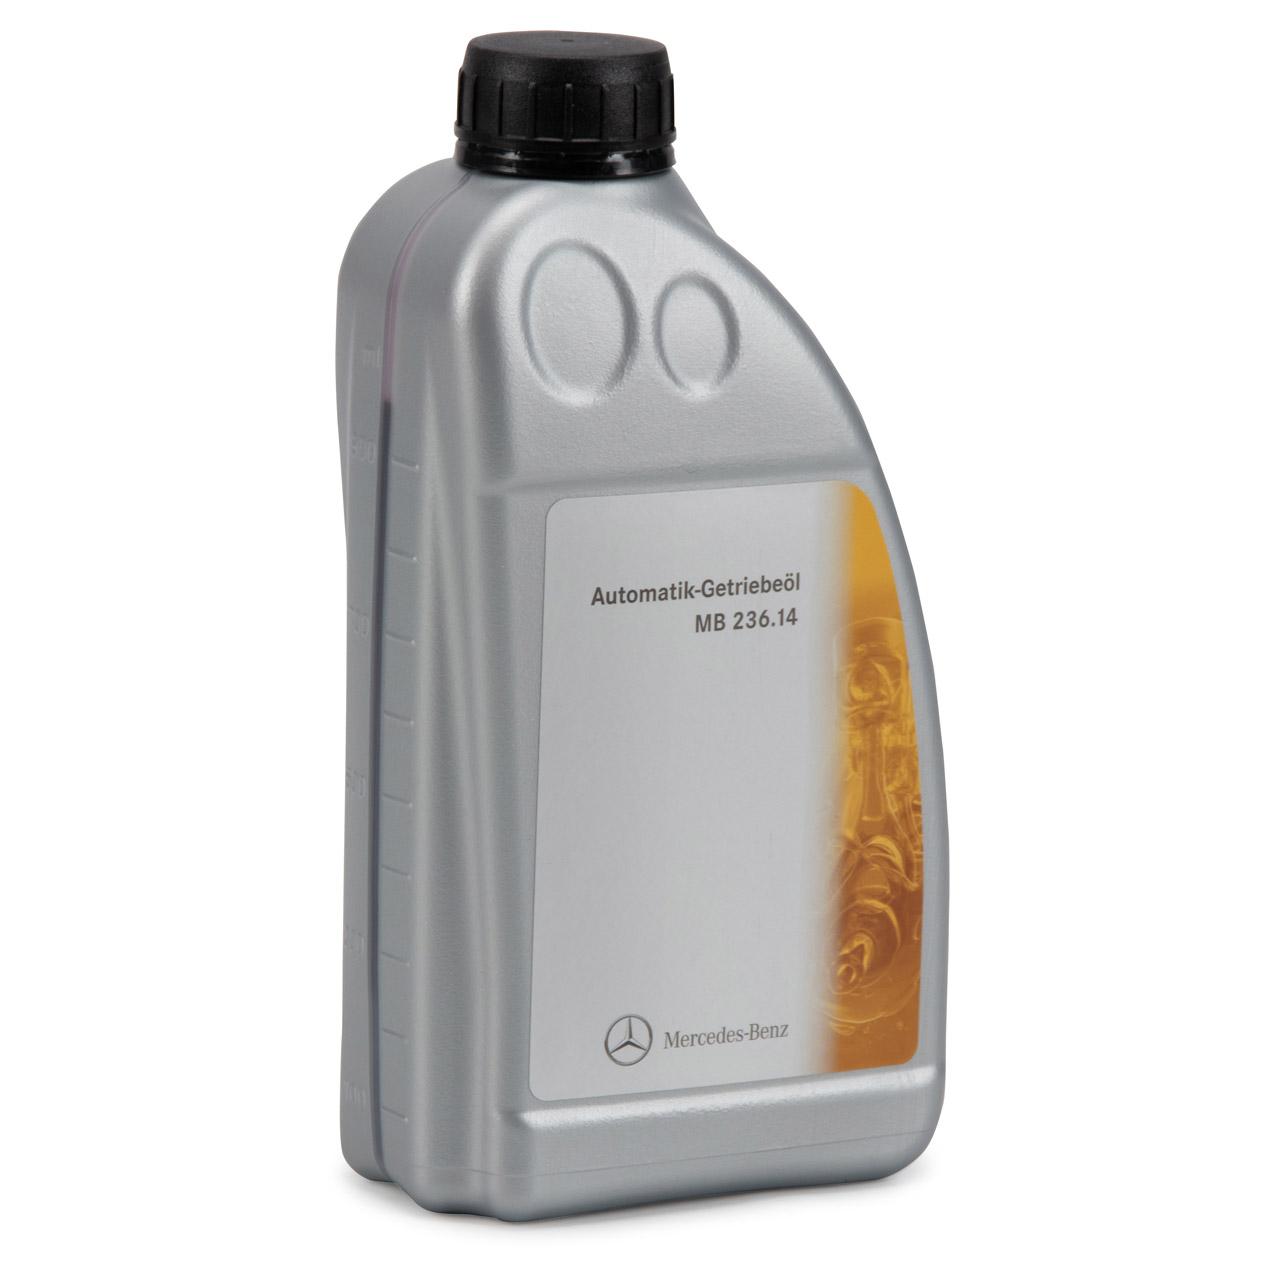 ORIGINAL Mercedes-Benz Automatikgetriebeöl MB 236.14 ATF 1 Liter 0019896803BRD6